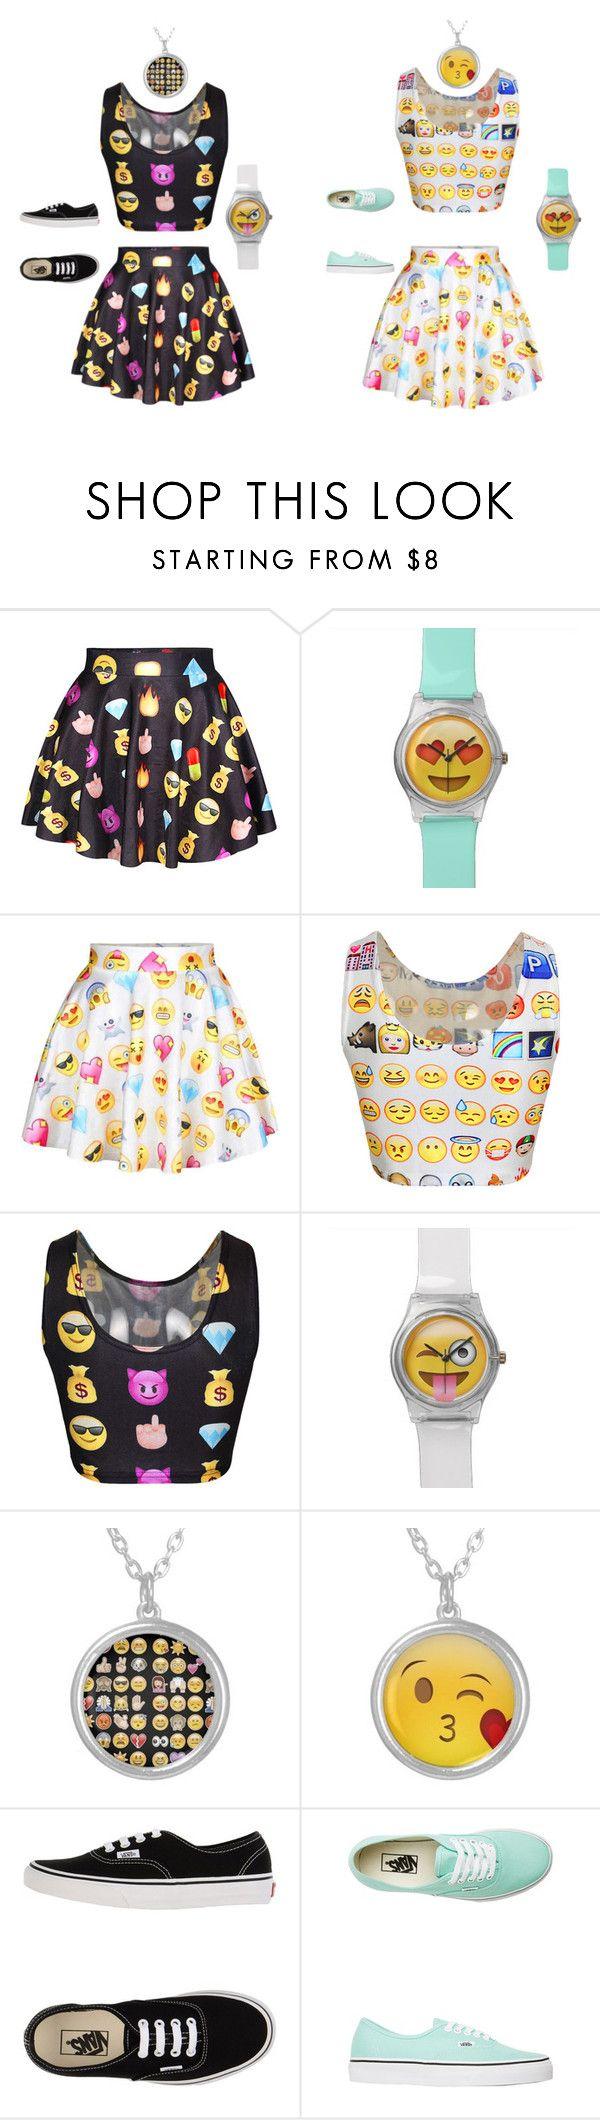 Ropa emojis★